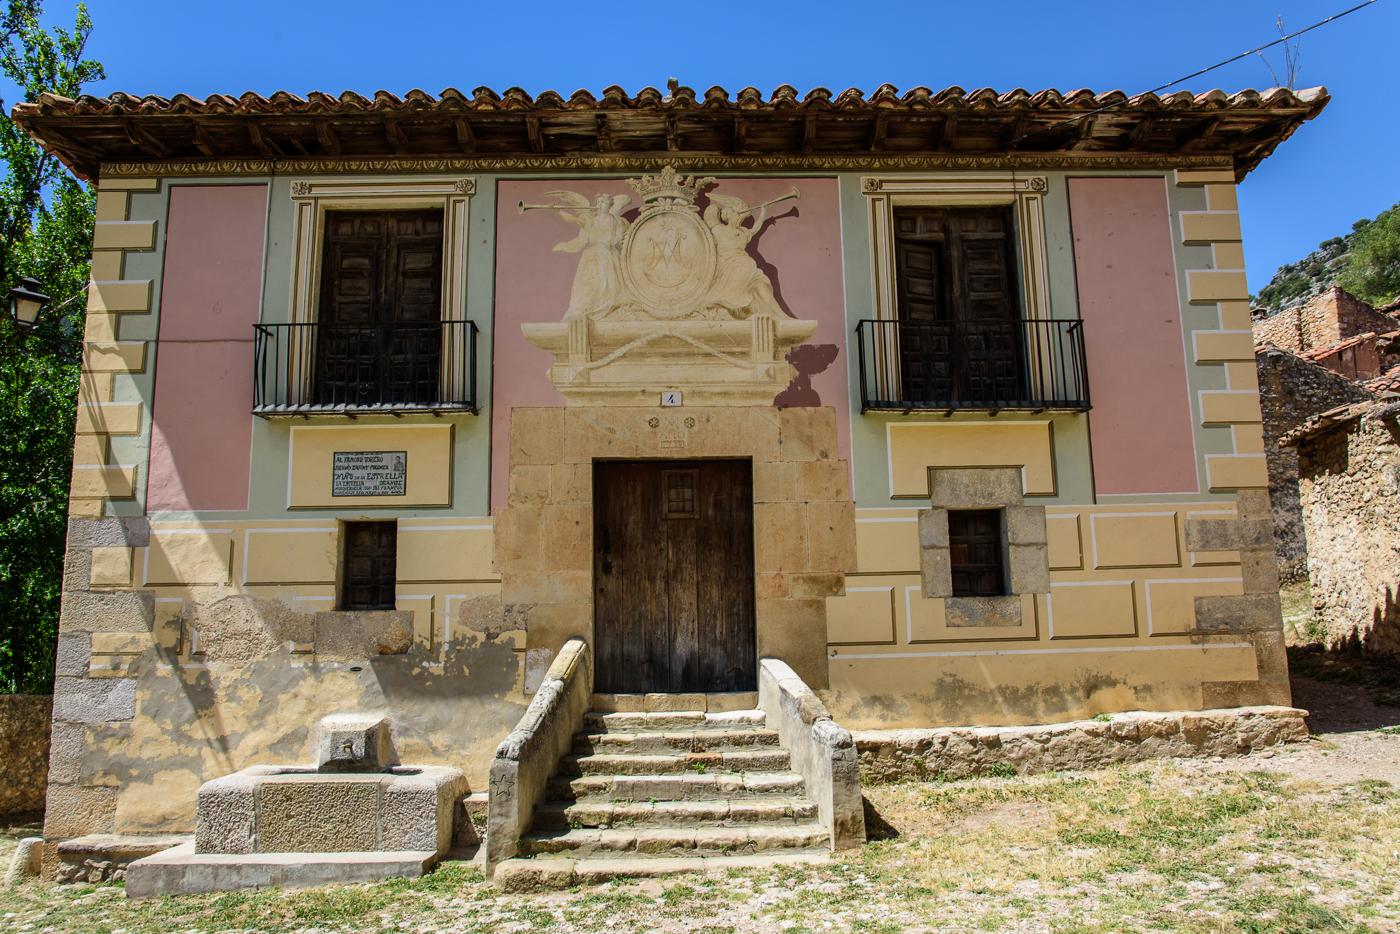 Vicarage of La Estrella